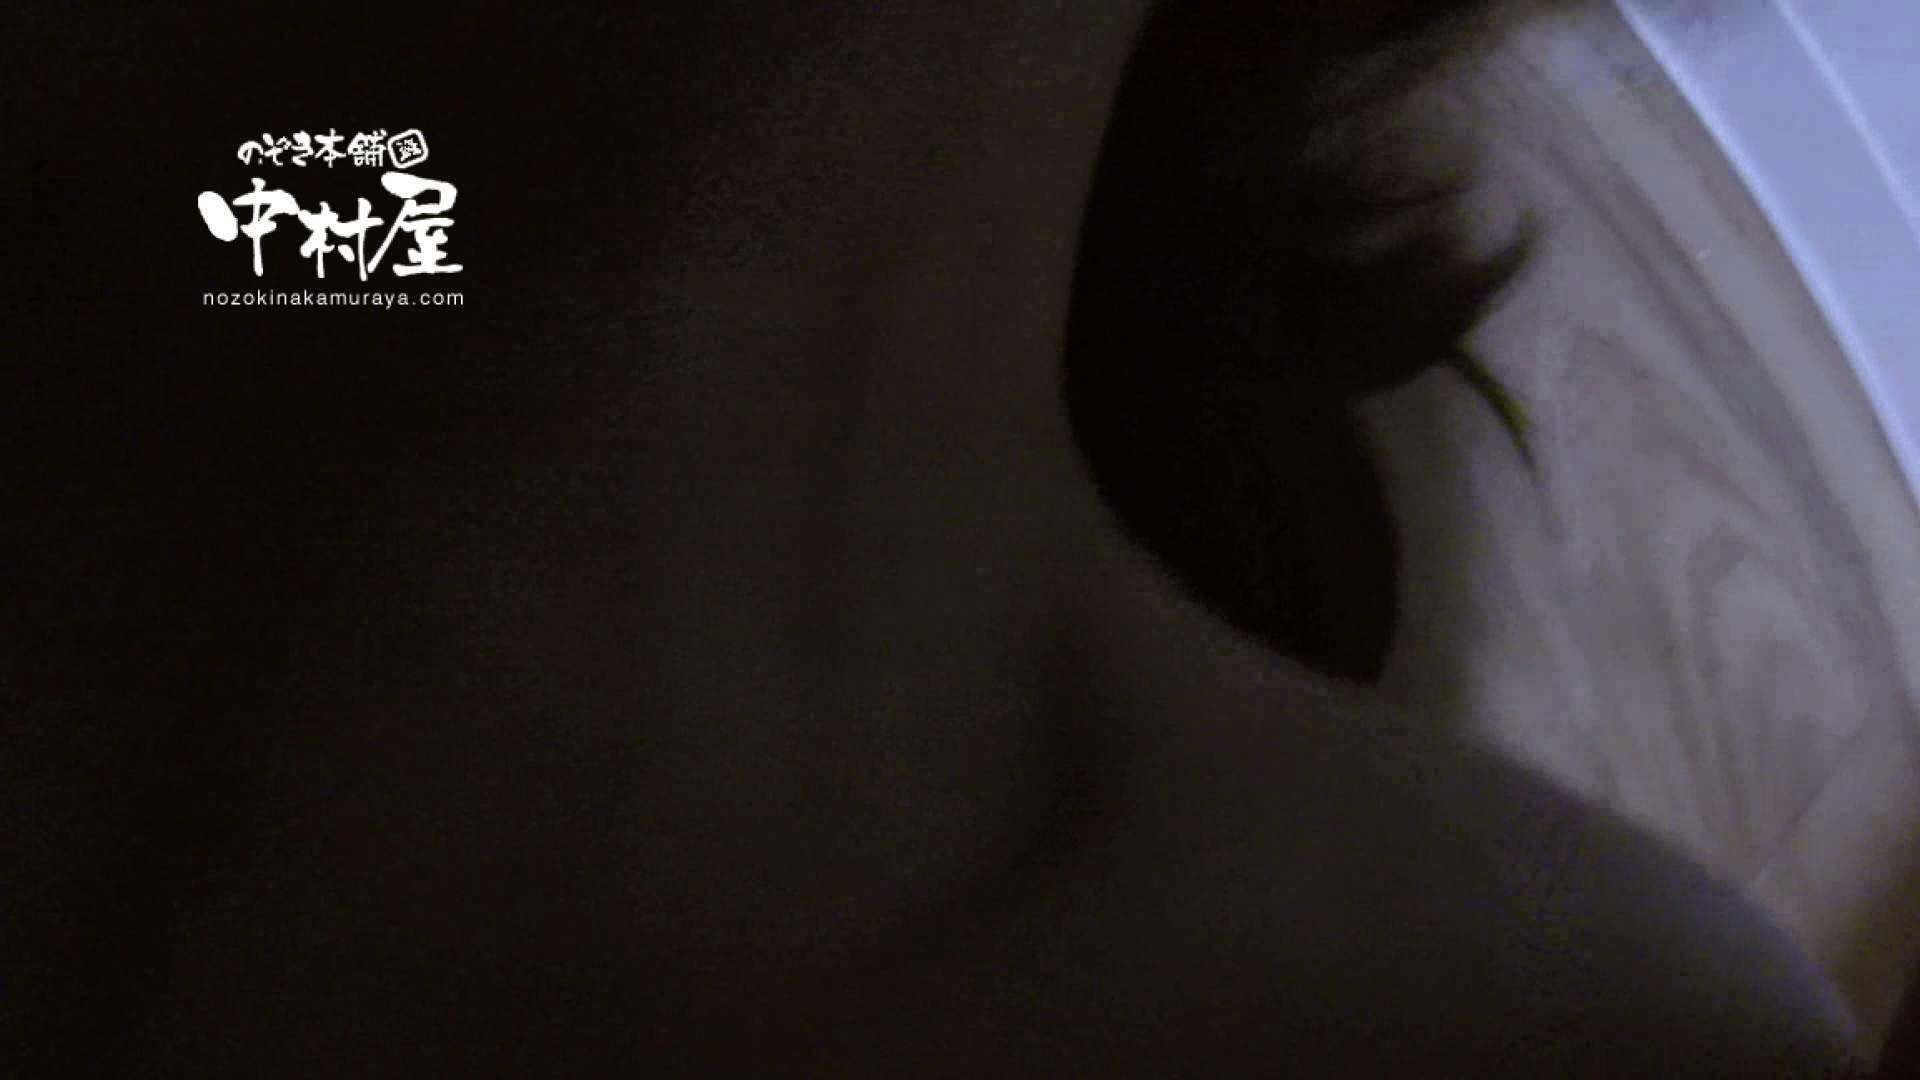 鬼畜 vol.10 あぁ無情…中出しパイパン! 後編 パイパン おまんこ無修正動画無料 47連発 4